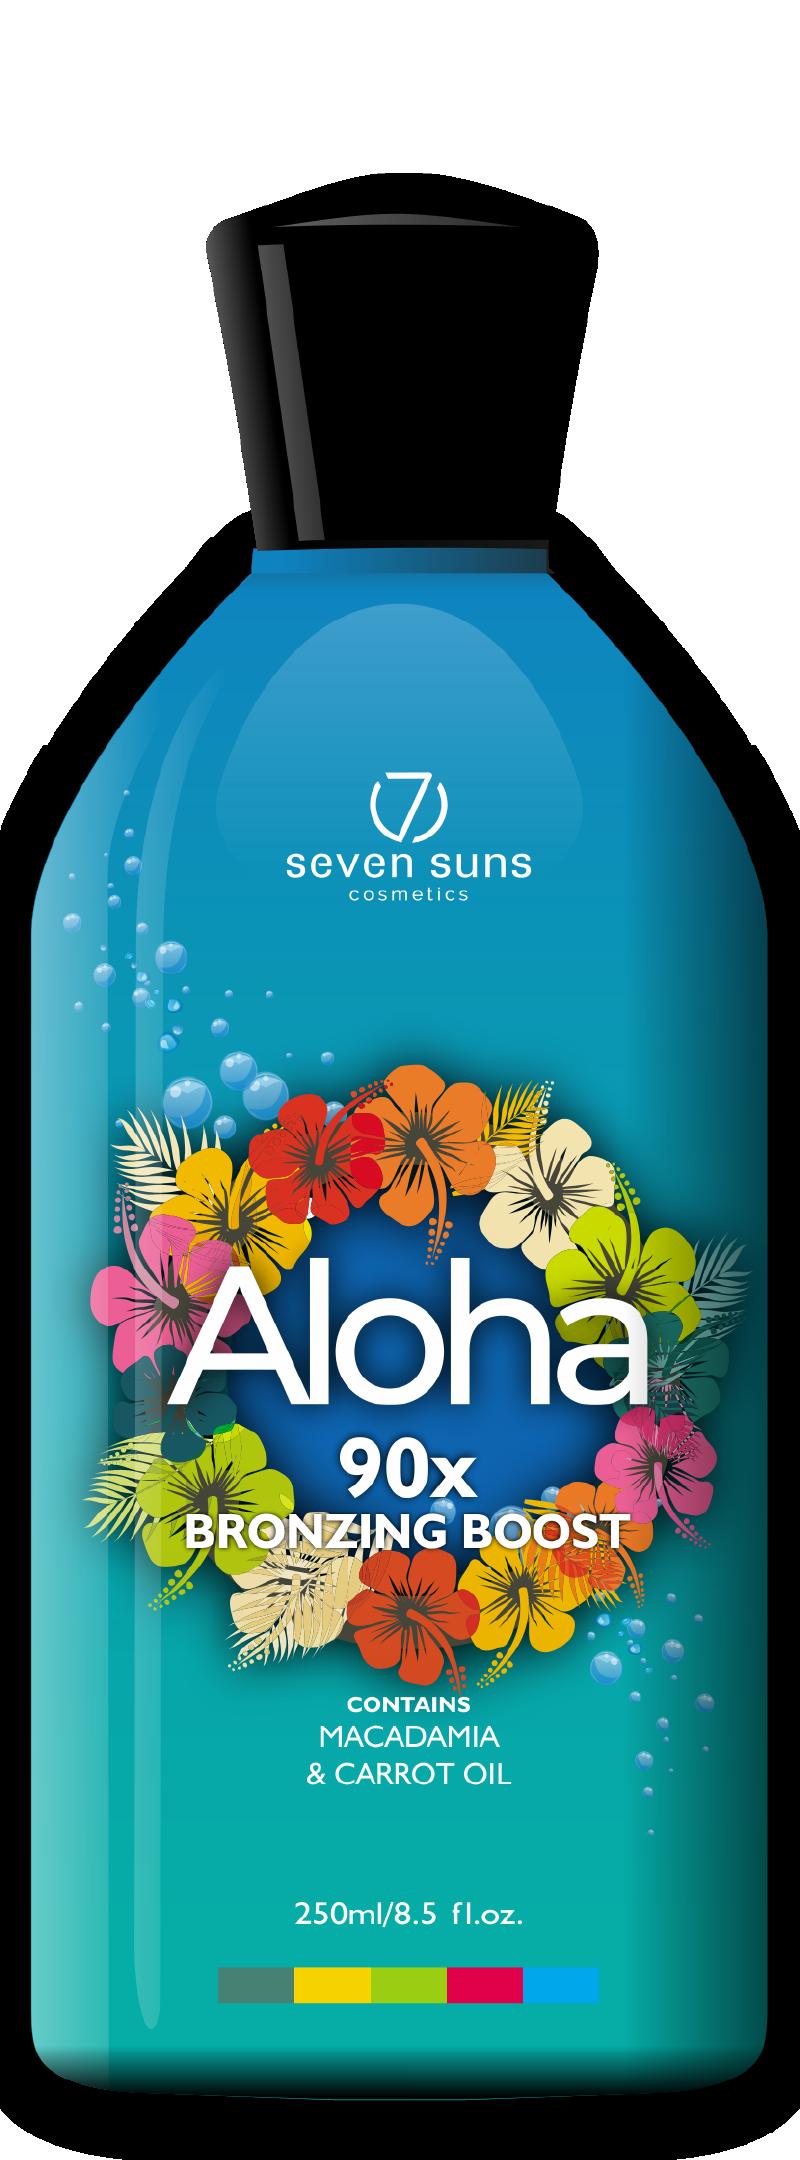 Aloha cosmetic bottle